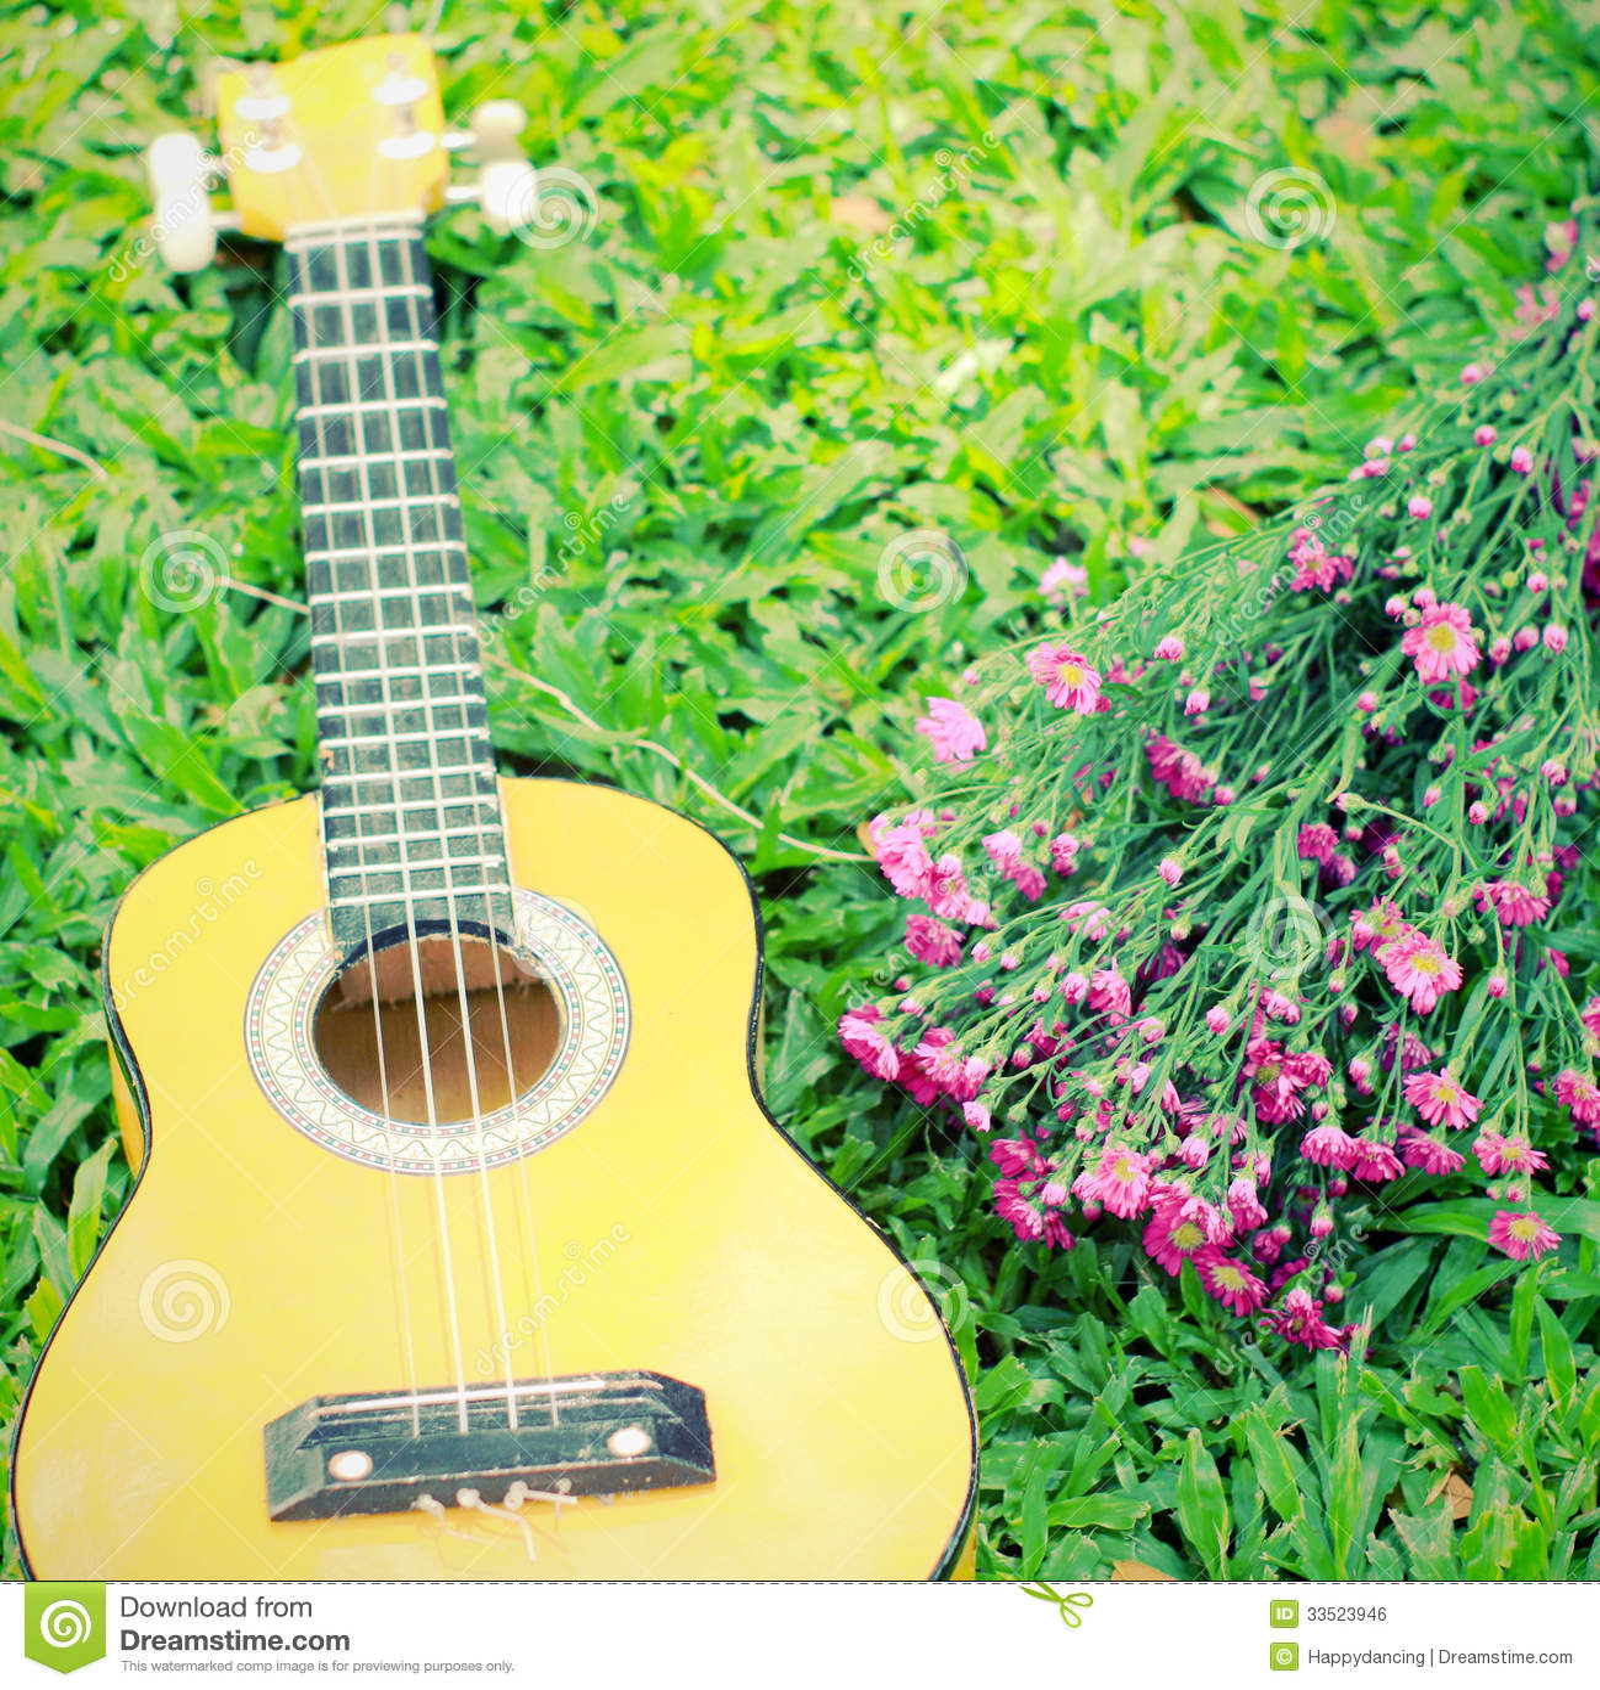 Ukulele Guitar On Grass With Flower Royalty Free Stock Image - Image ...